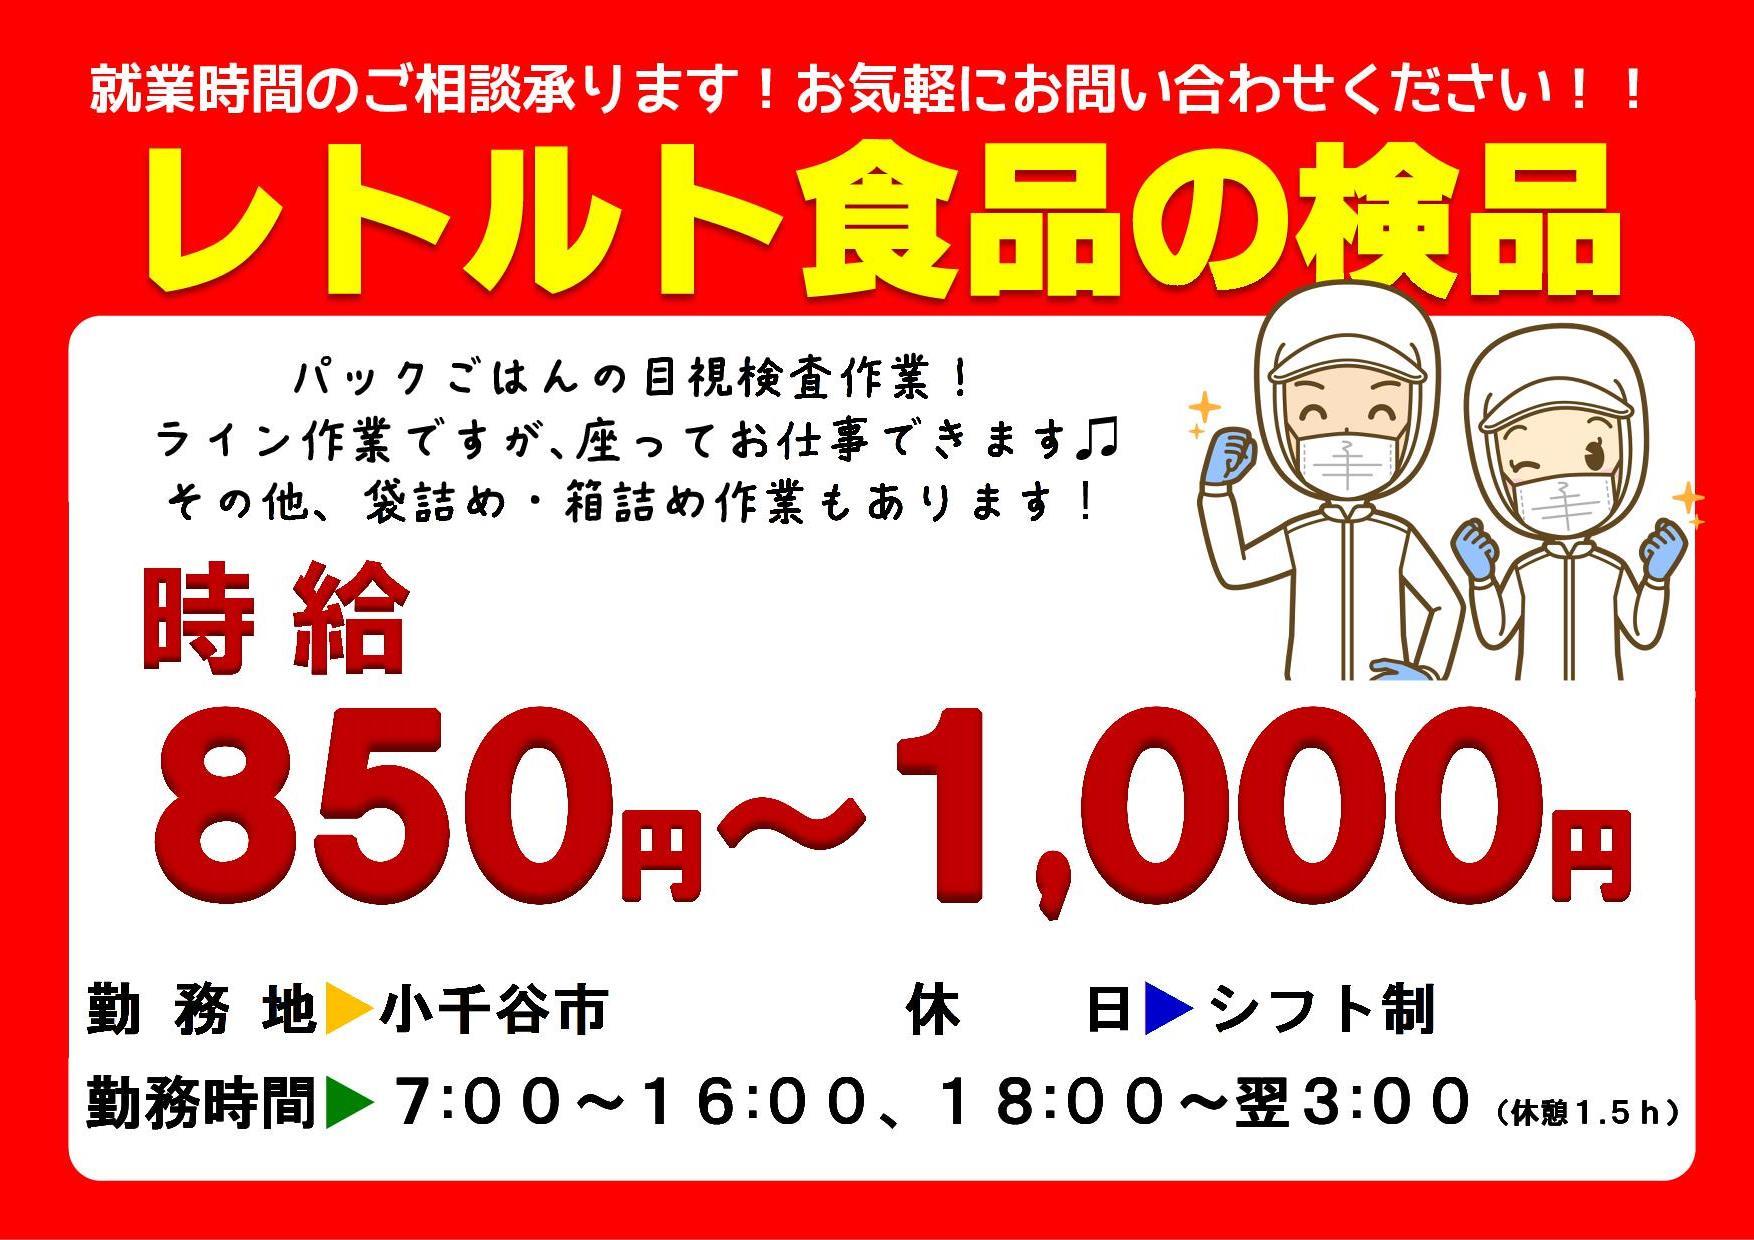 №011 レトルト食品の検品